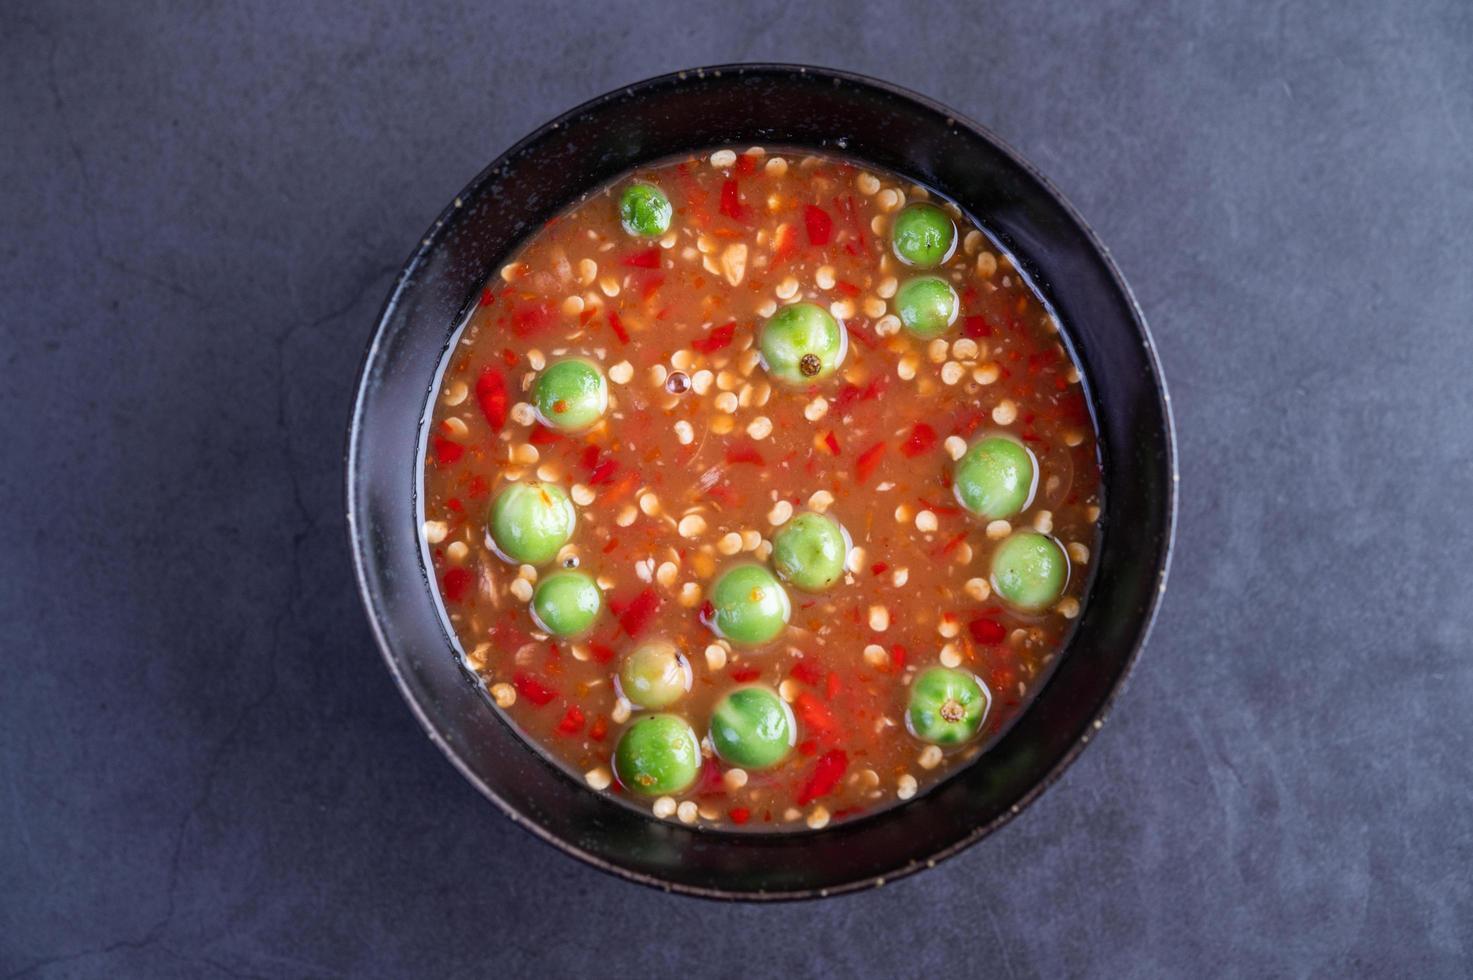 Shrimp-paste sauce in a black bowl photo